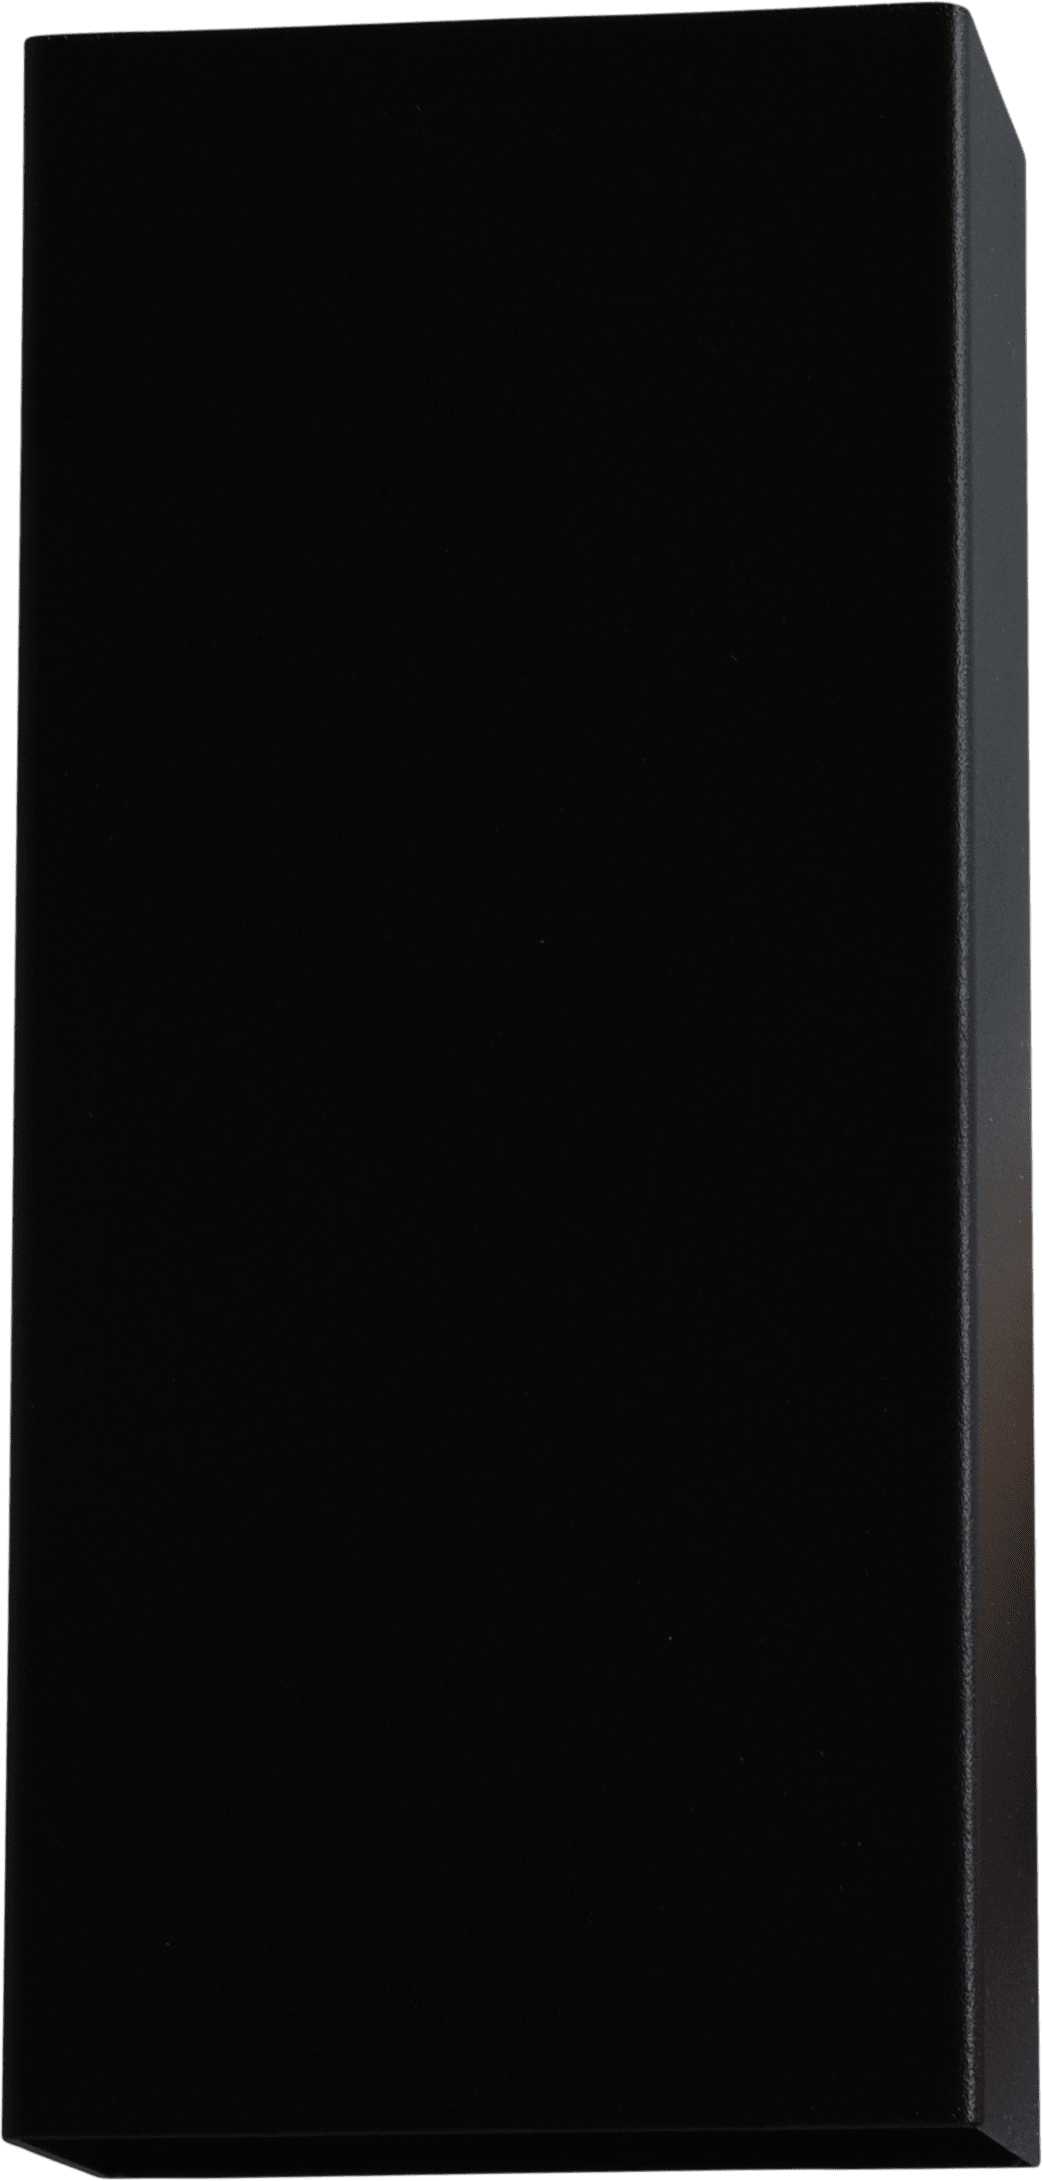 Metallico WL METALLICO MATT BLACK STRUCTURE 22X10CM